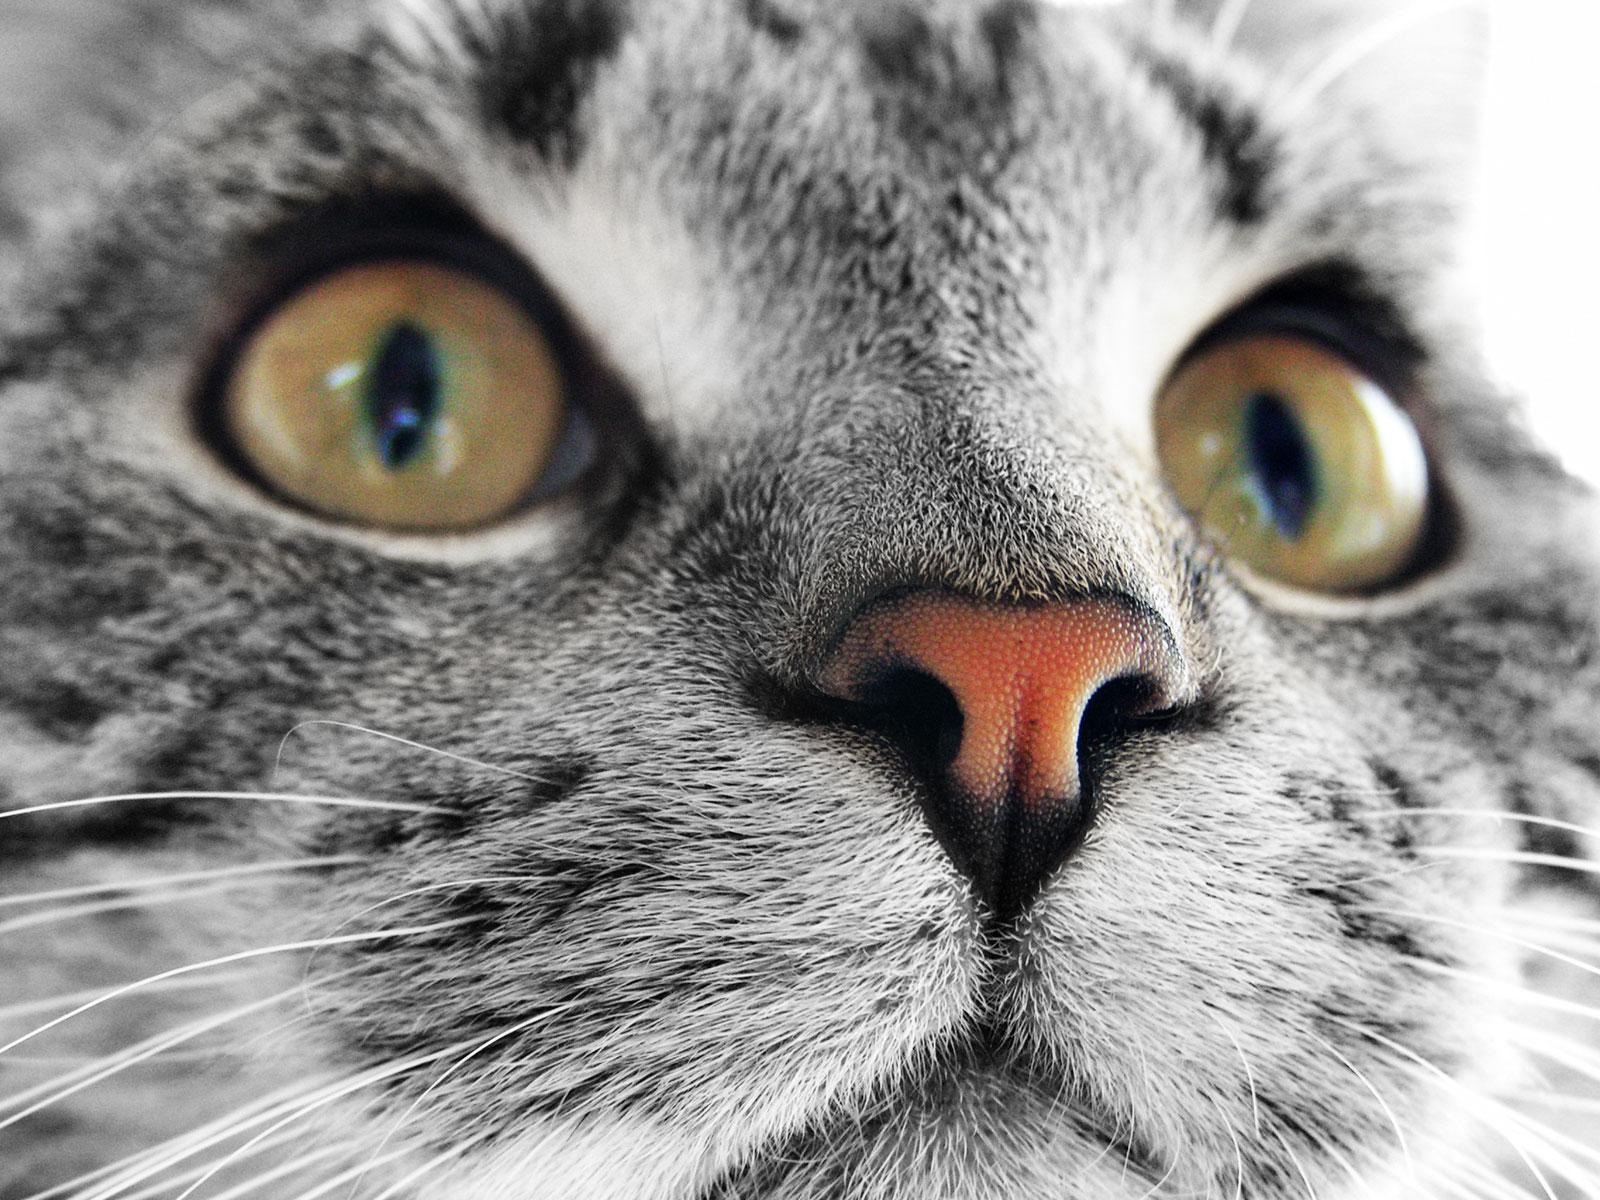 Best Desktop HD Wallpaper: Cat Desktop wallpapers